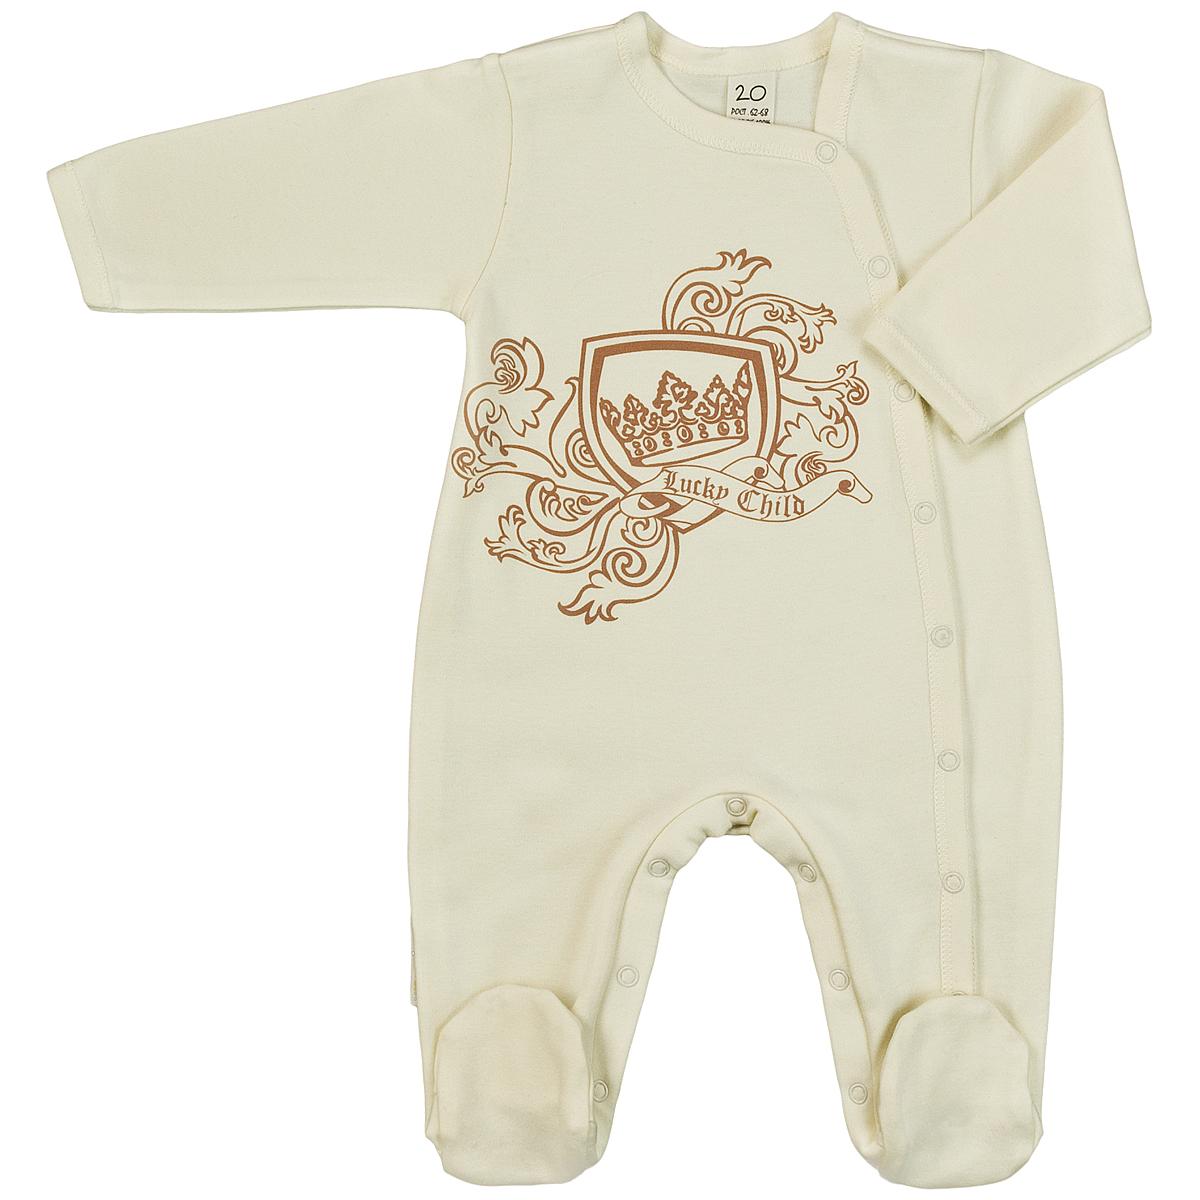 Комбинезон детский Lucky Child, цвет: экрю. 6-16. Размер 62/686-16Детский комбинезон Lucky Child - очень удобный и практичный вид одежды для малышей. Комбинезон выполнен из интерлока - натурального хлопка, благодаря чему он необычайно мягкий и приятный на ощупь, не раздражают нежную кожу ребенка и хорошо вентилируются, а эластичные швы приятны телу малыша и не препятствуют его движениям. Комбинезон с длинными рукавами и закрытыми ножками имеет асимметричные застежки-кнопки от горловины до щиколотки, которые помогают легко переодеть младенца или сменить подгузник. На груди он оформлен оригинальным принтом в виде логотипа бренда. С детским комбинезоном Lucky Child спинка и ножки вашего малыша всегда будут в тепле, он идеален для использования днем и незаменим ночью. Комбинезон полностью соответствует особенностям жизни младенца в ранний период, не стесняя и не ограничивая его в движениях!